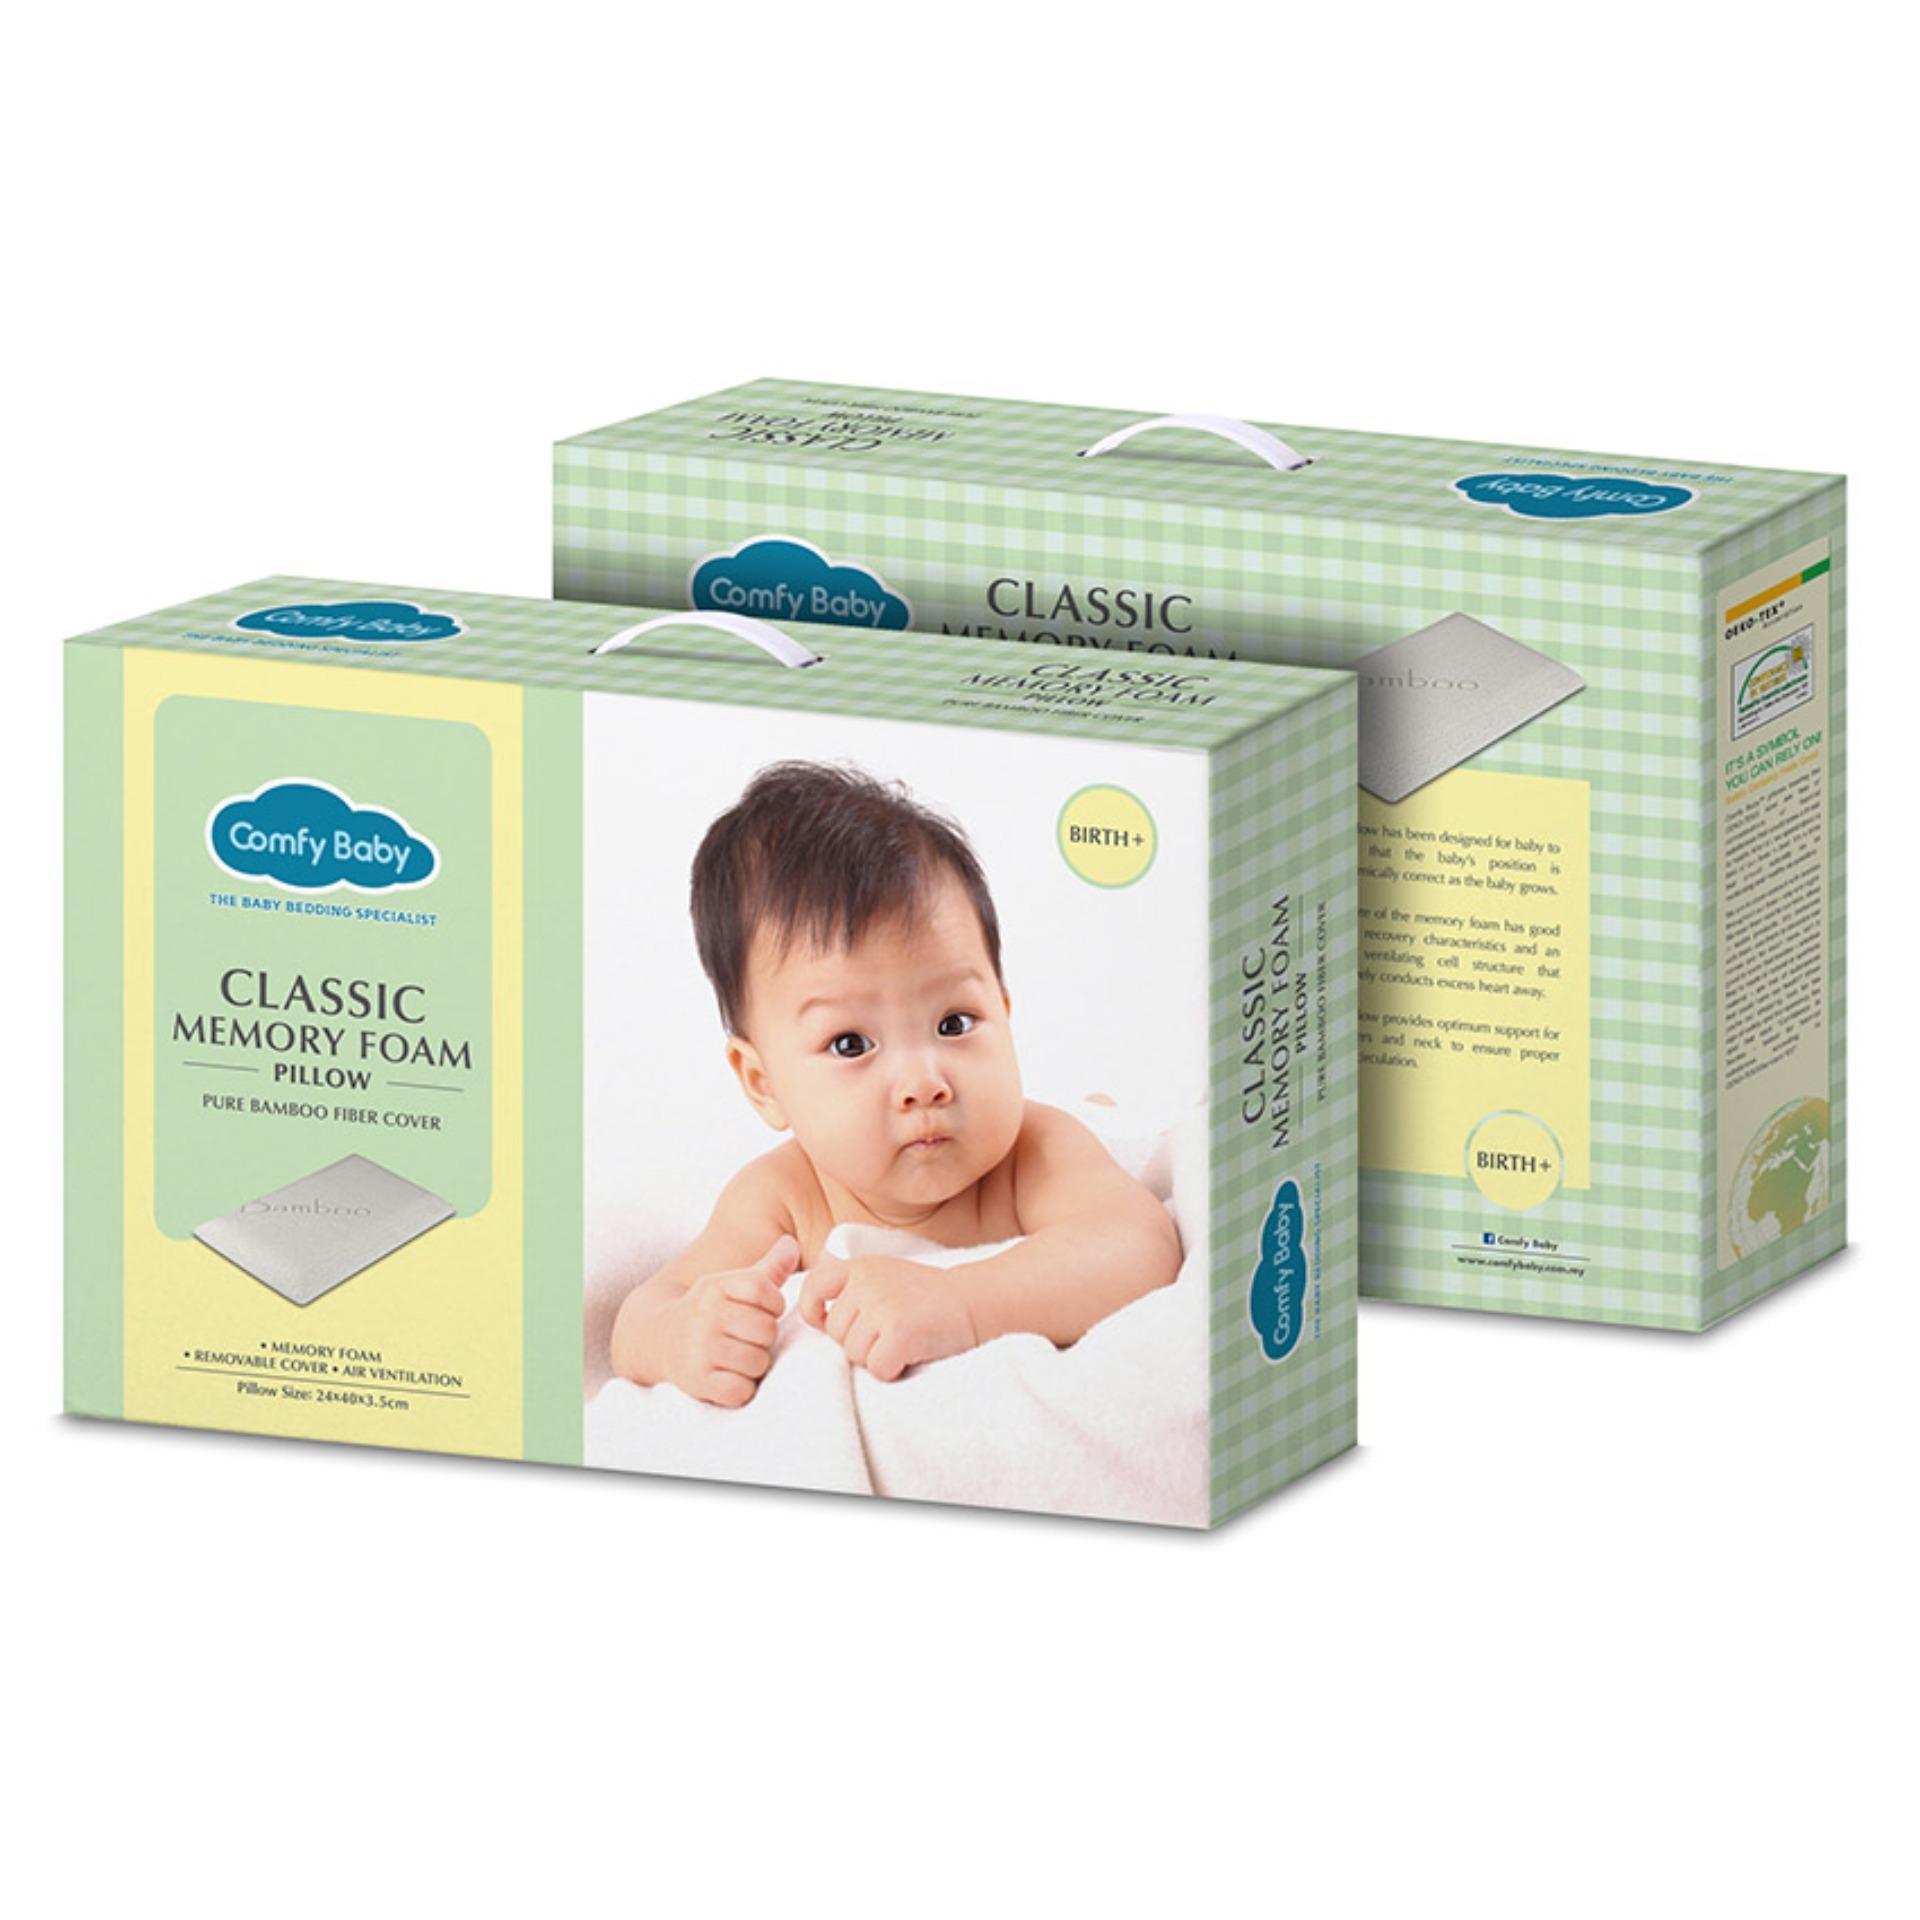 Gối đầu Comfy Baby CNF01 (Xanh lá) (Chống ngạt) (23x40x3.5)